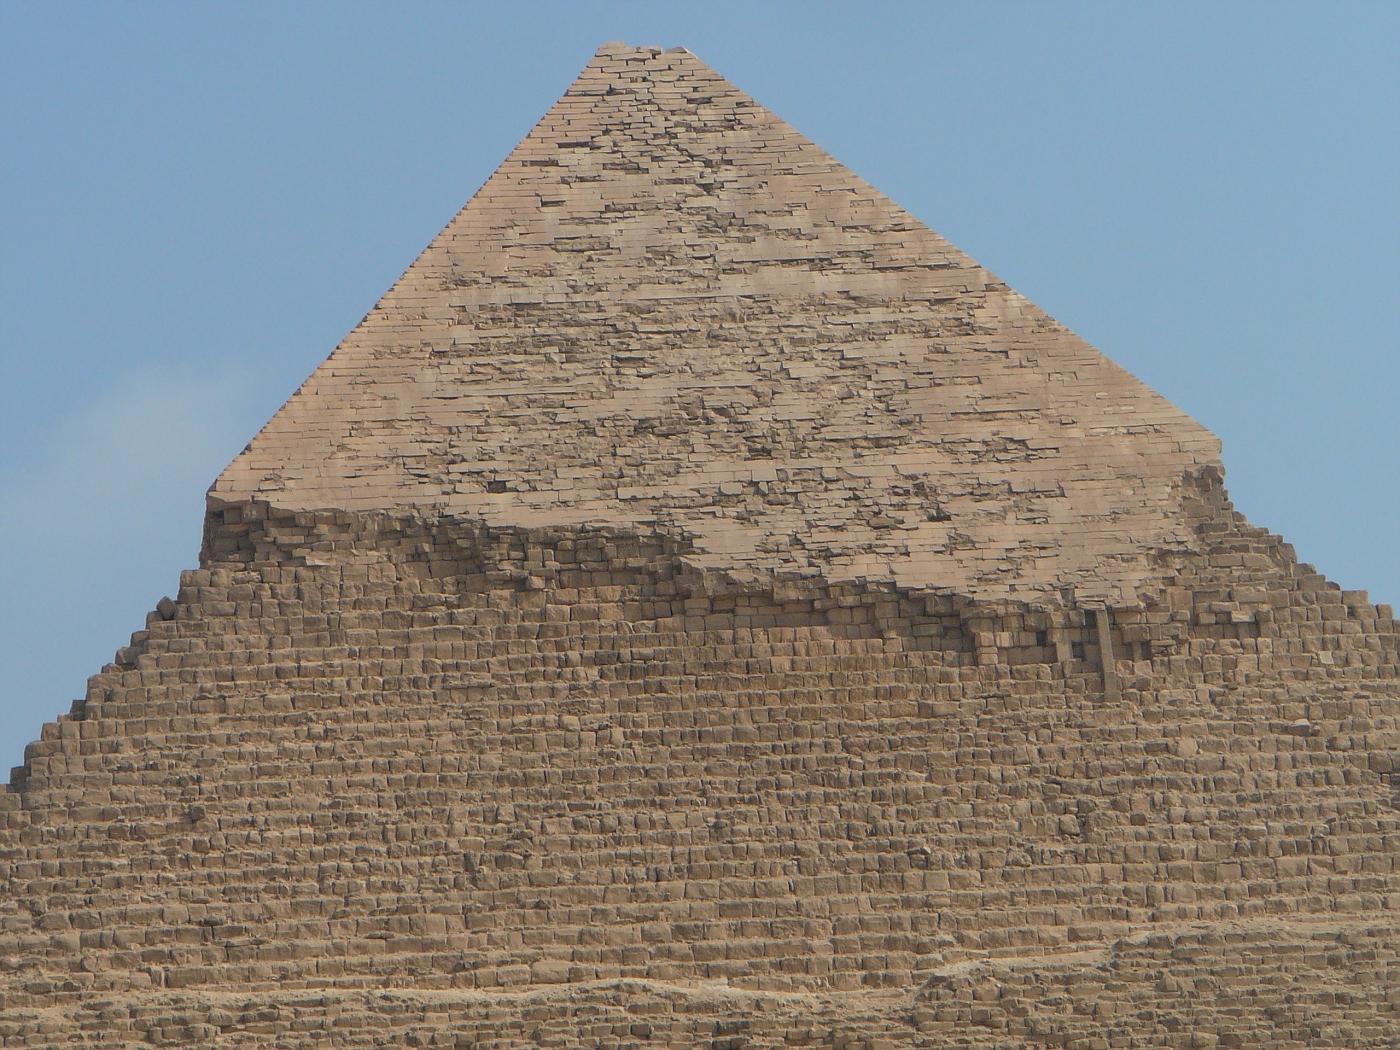 Top of Khafre Pyramid Giza